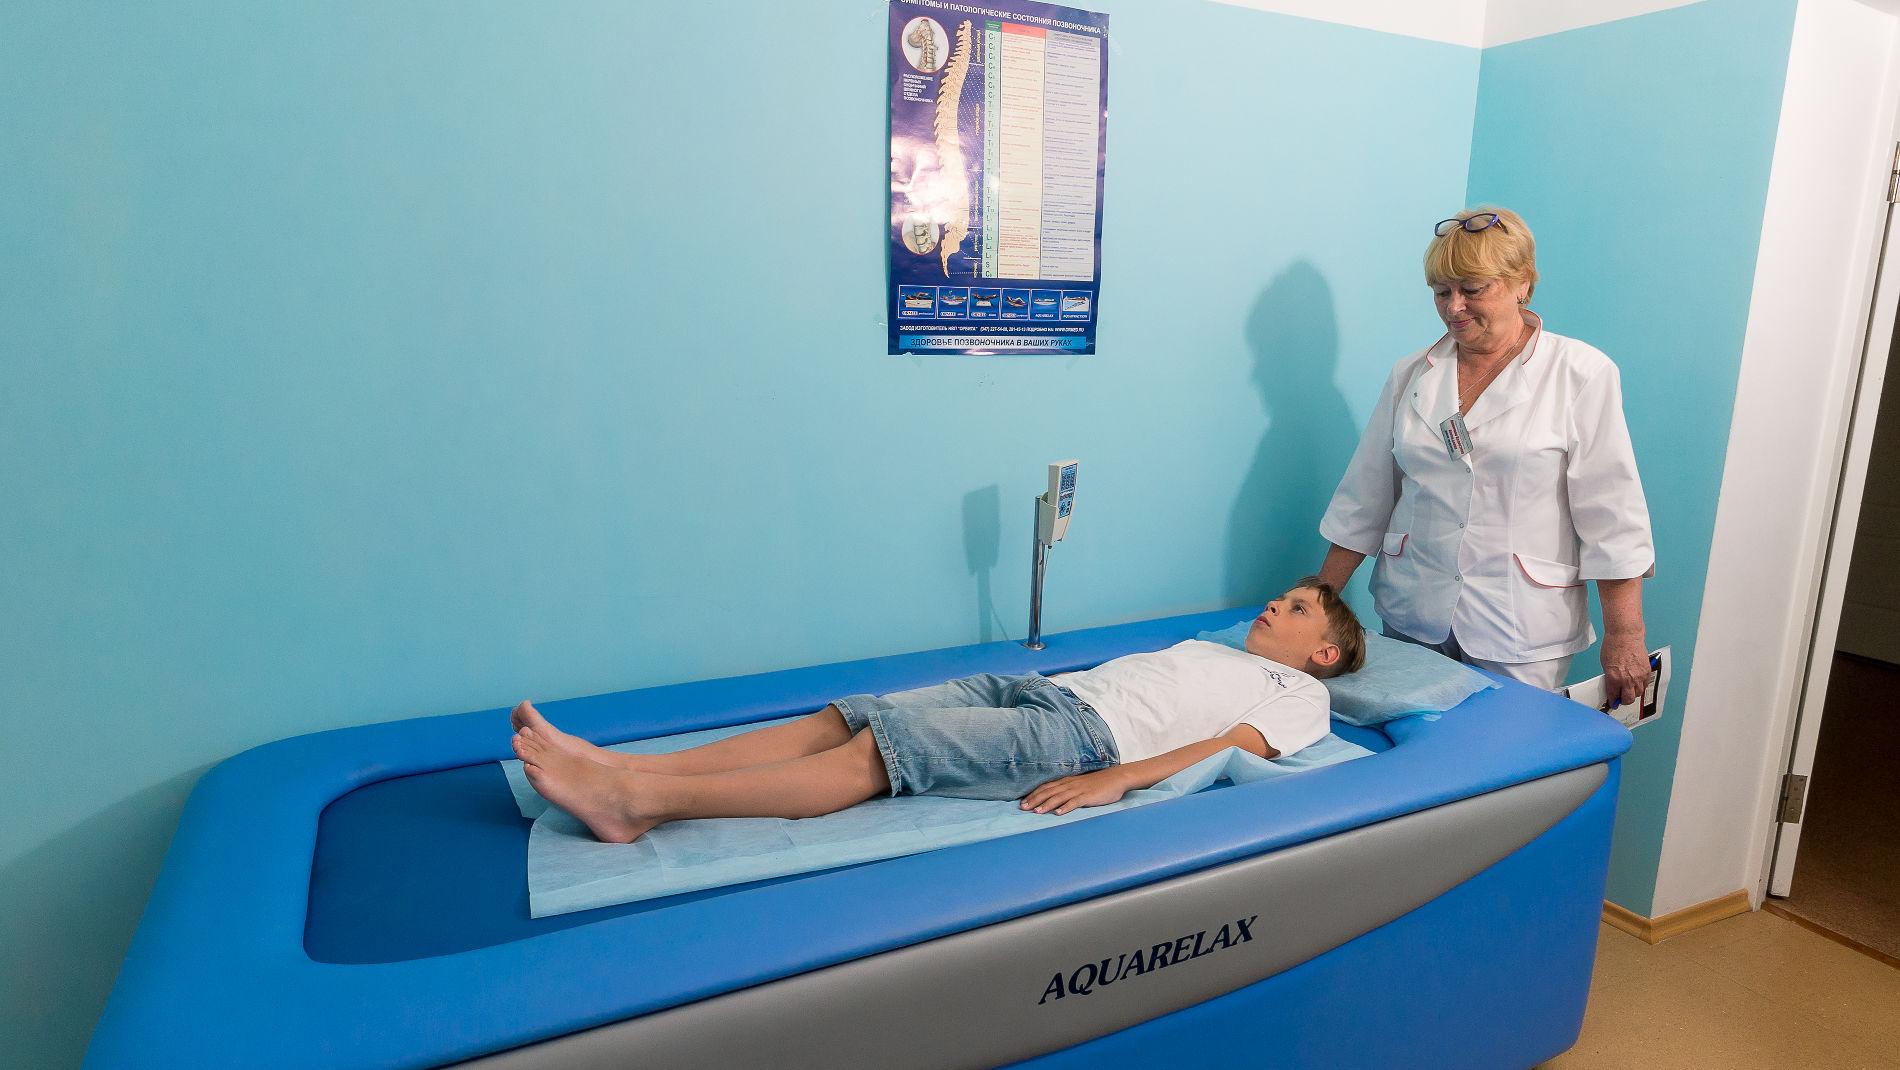 Лечебный профиль ОК «Прометей» — заболевания сердечно-сосудистой системы, нервной системы, гинекологические заболевания, педиатрия и лечение сопутствующих заболеваний — органов дыхания, опорно-двигательного аппарата, детских простуд